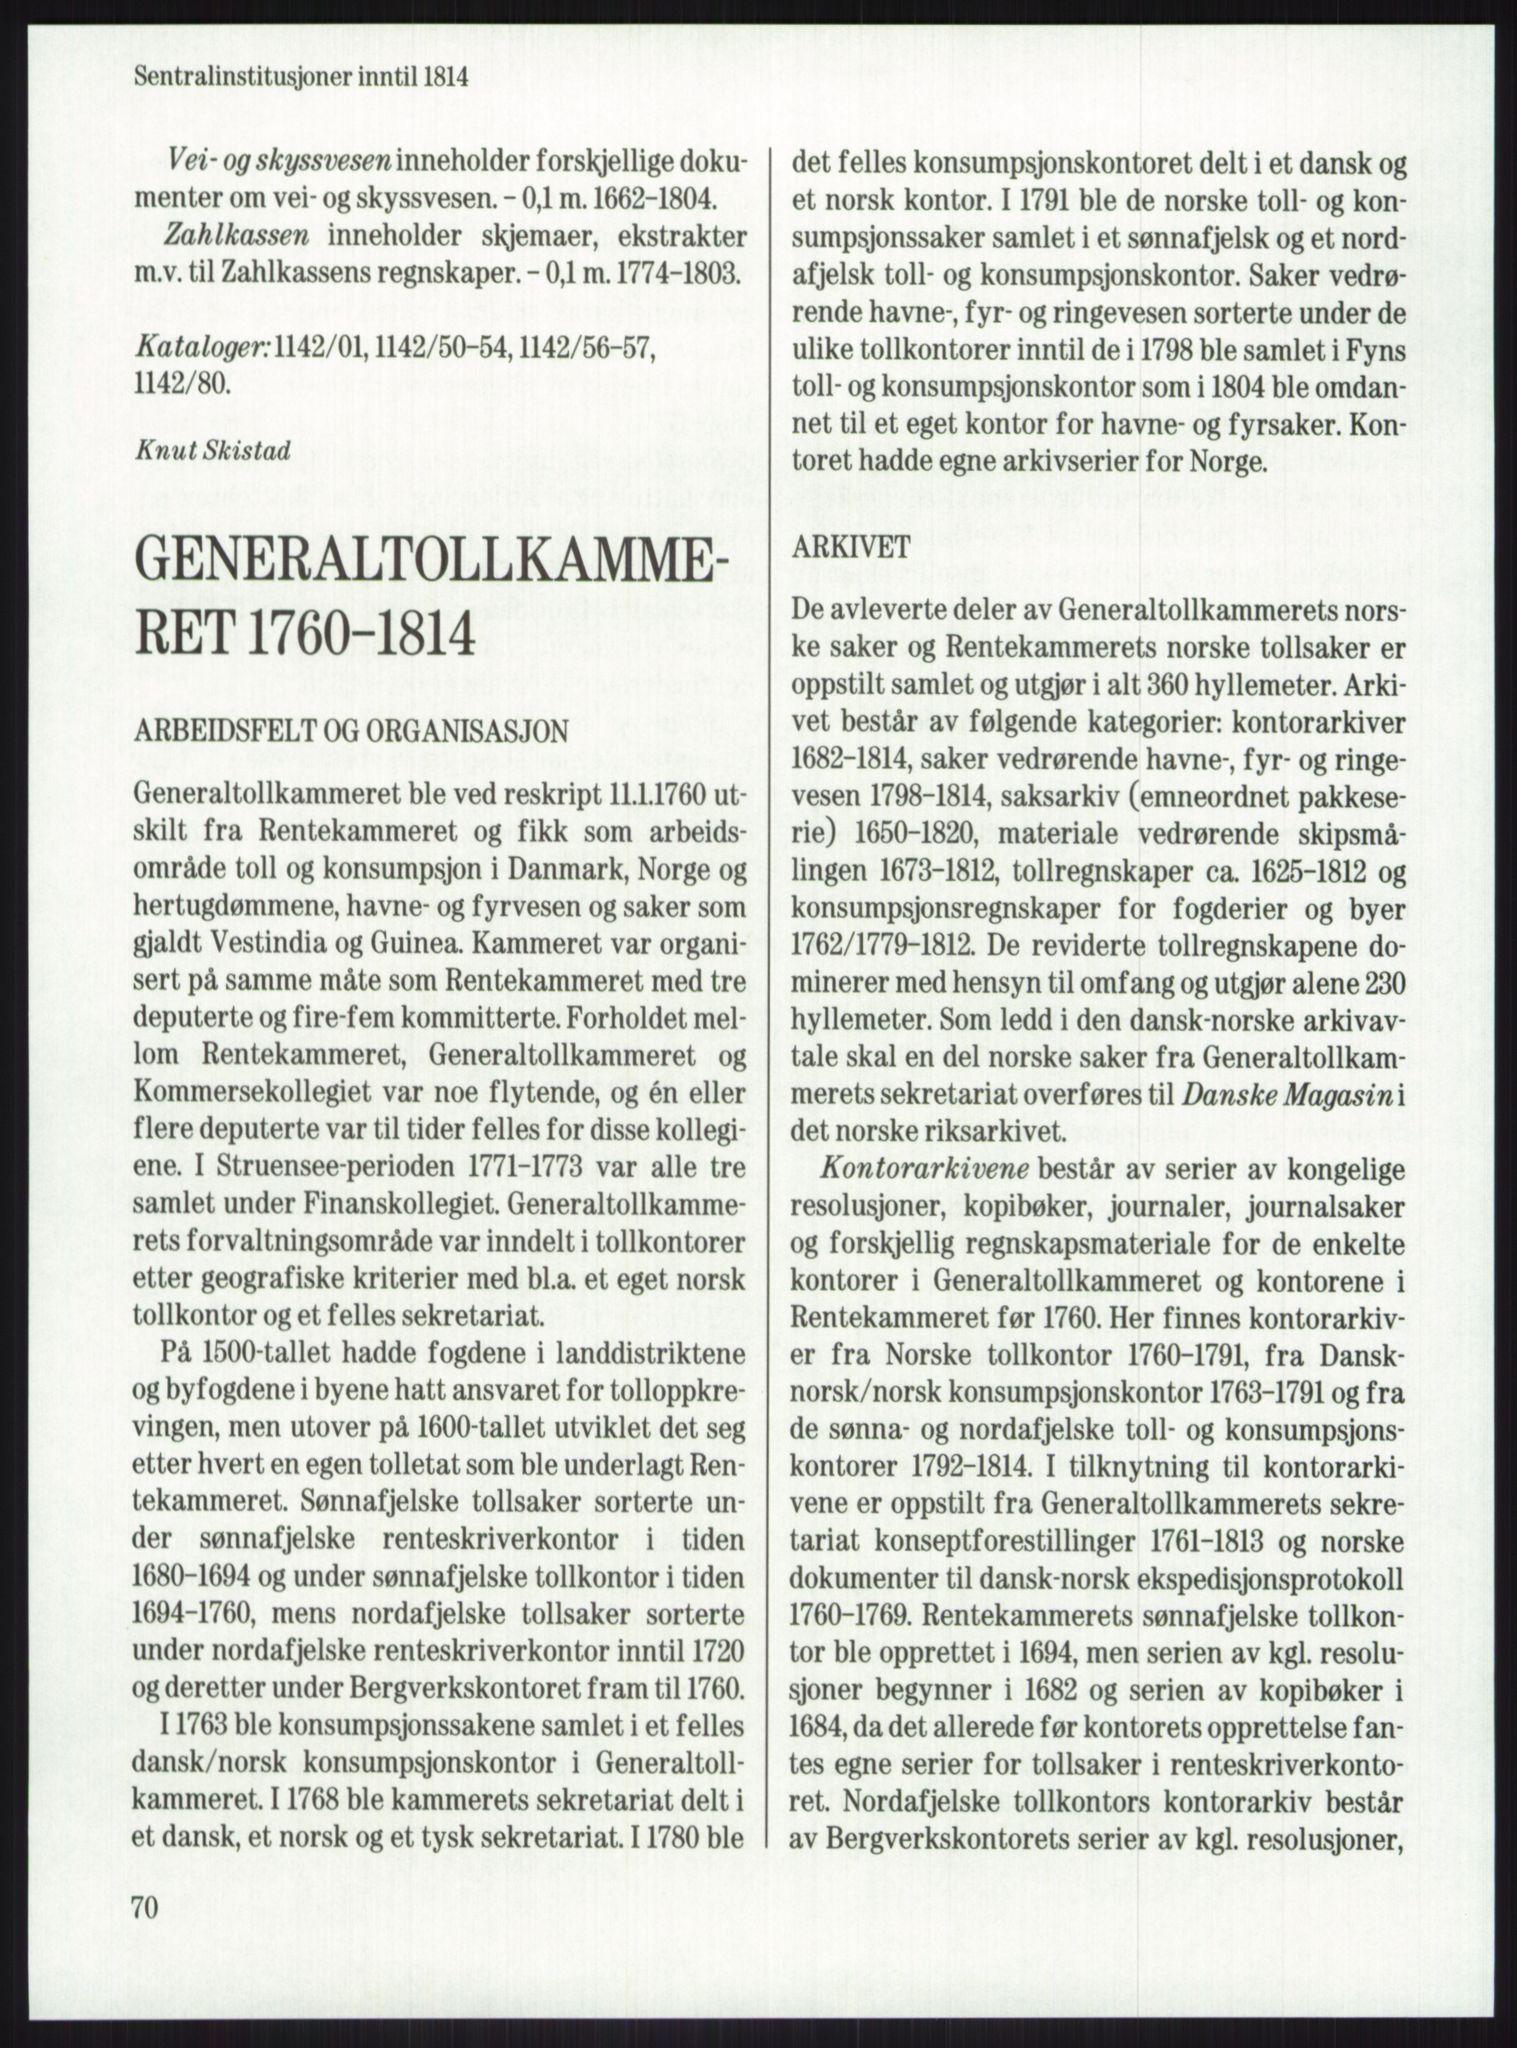 PUBL, Publikasjoner utgitt av Arkivverket, -/-: Knut Johannessen, Ole Kolsrud og Dag Mangset (red.): Håndbok for Riksarkivet (1992), p. 70